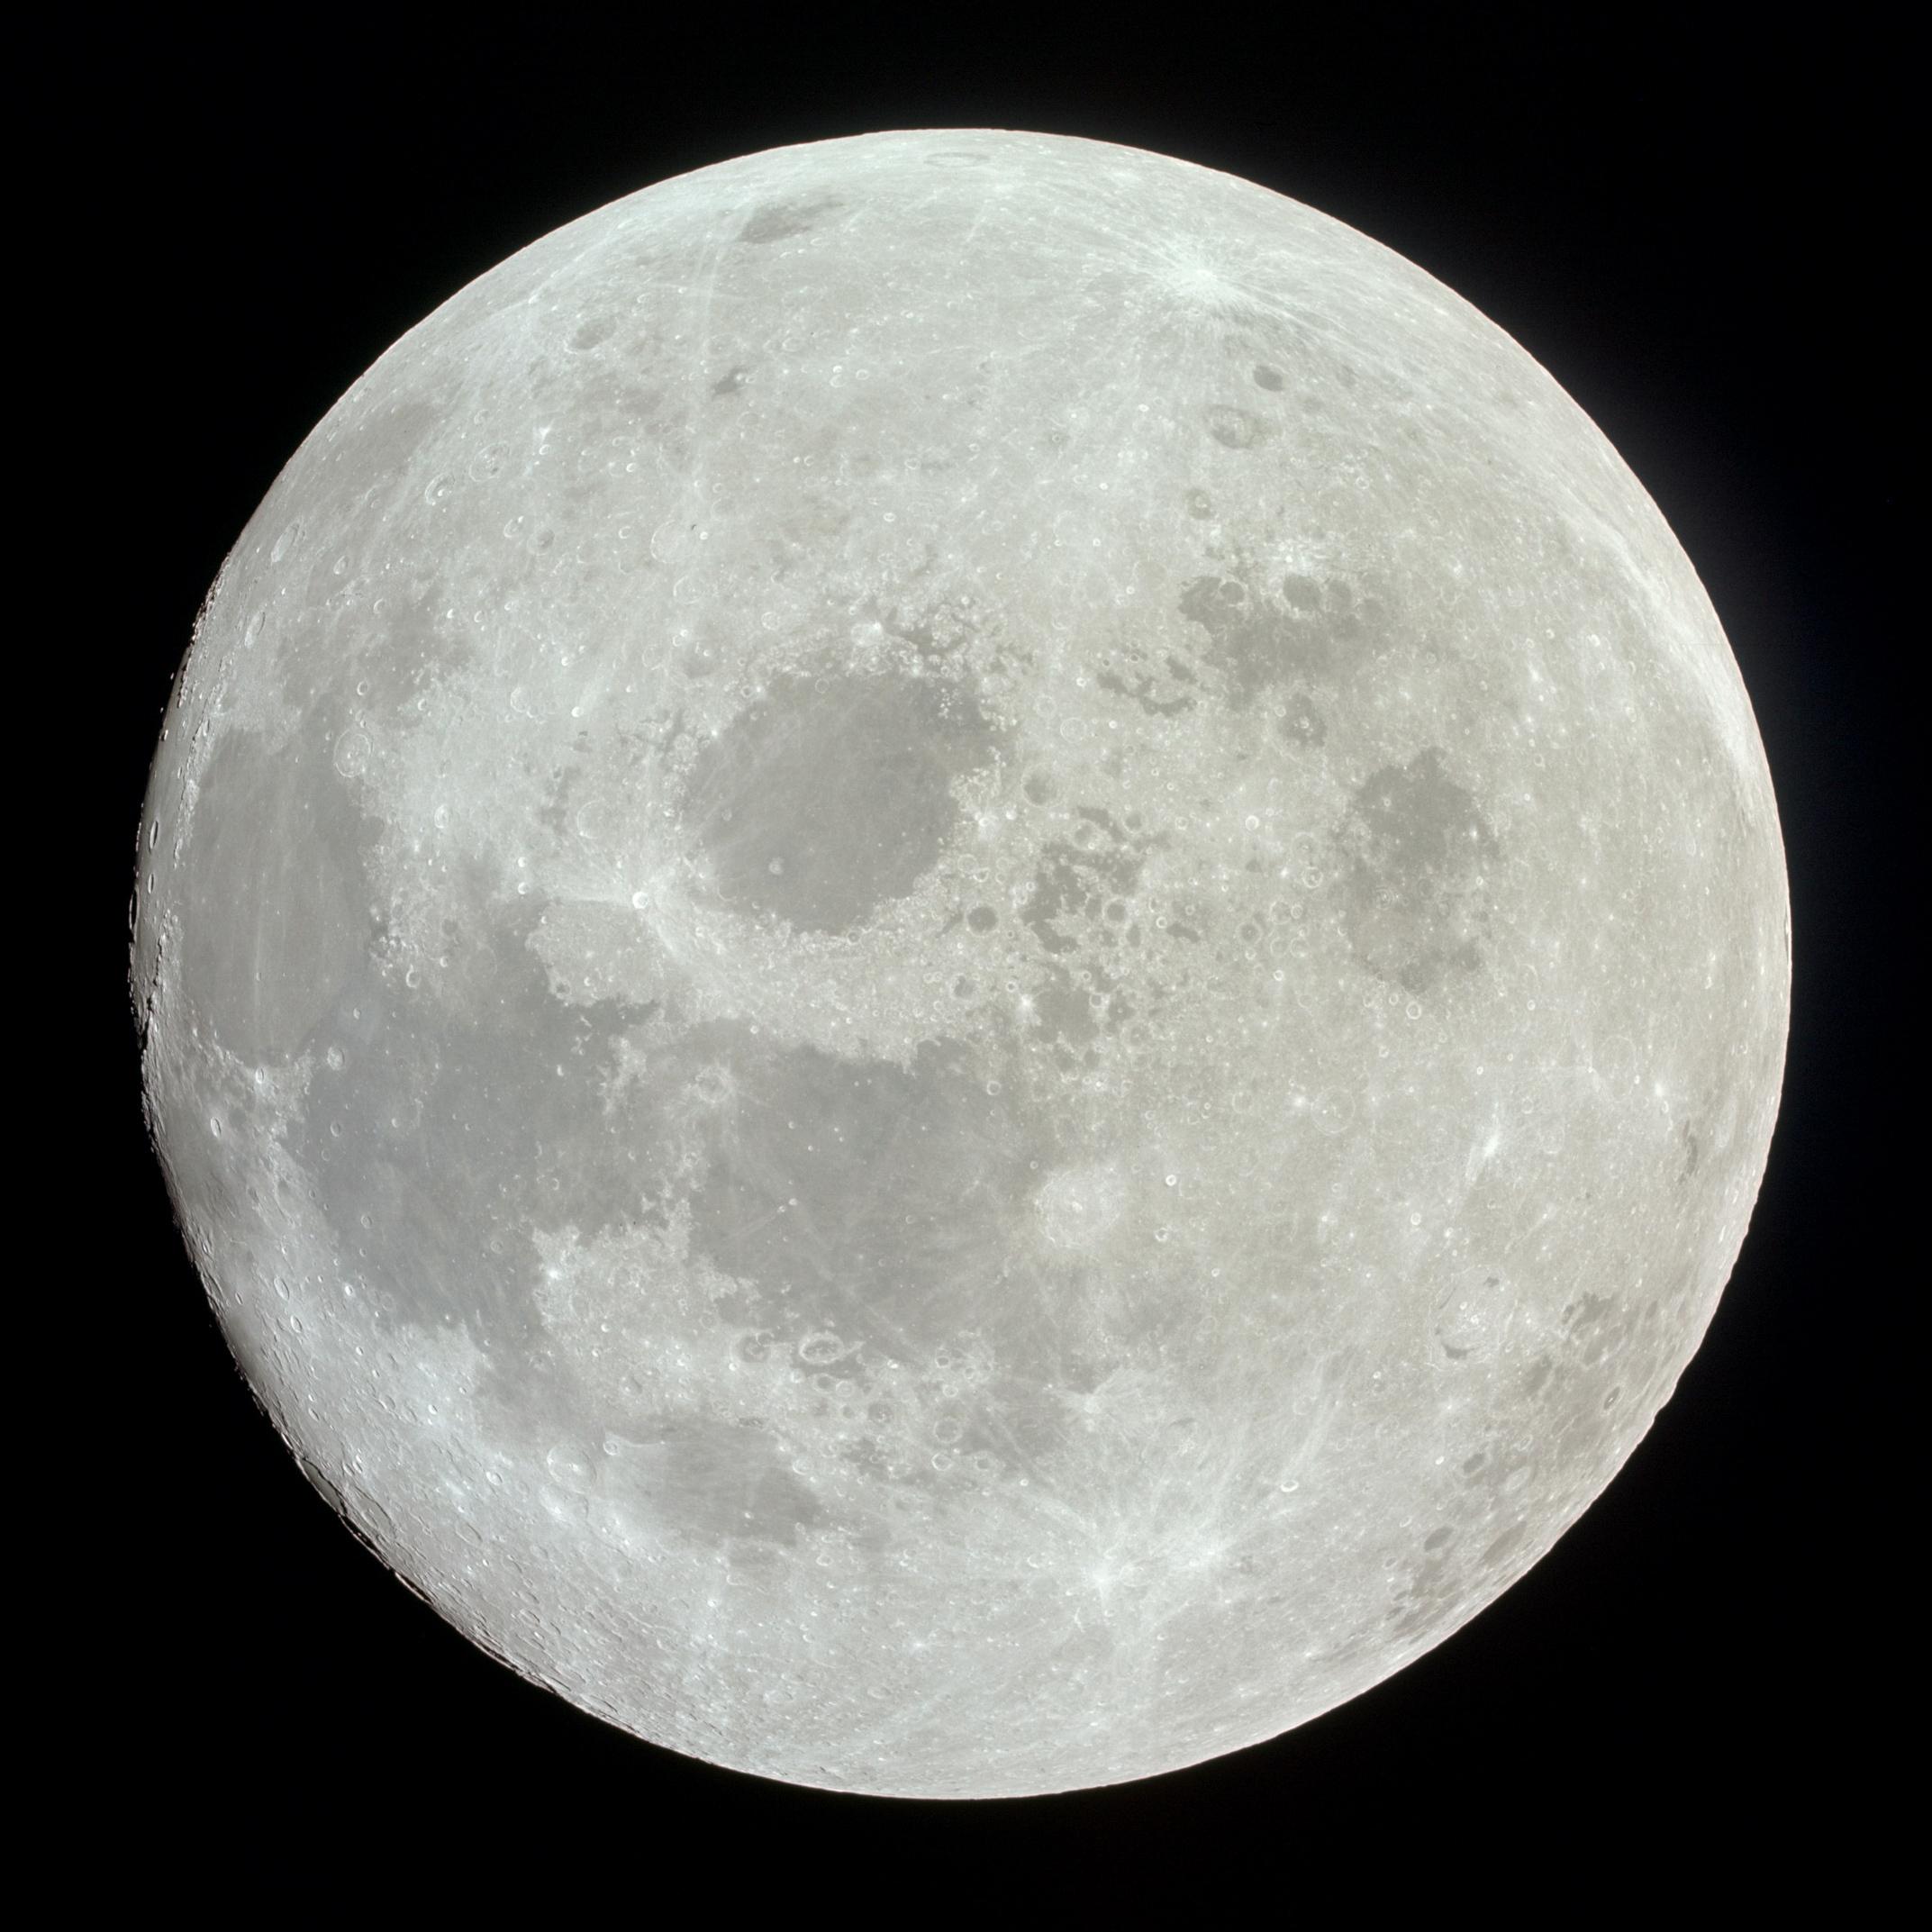 Apollo 11 image of a nearly full Moon | The Planetary Society